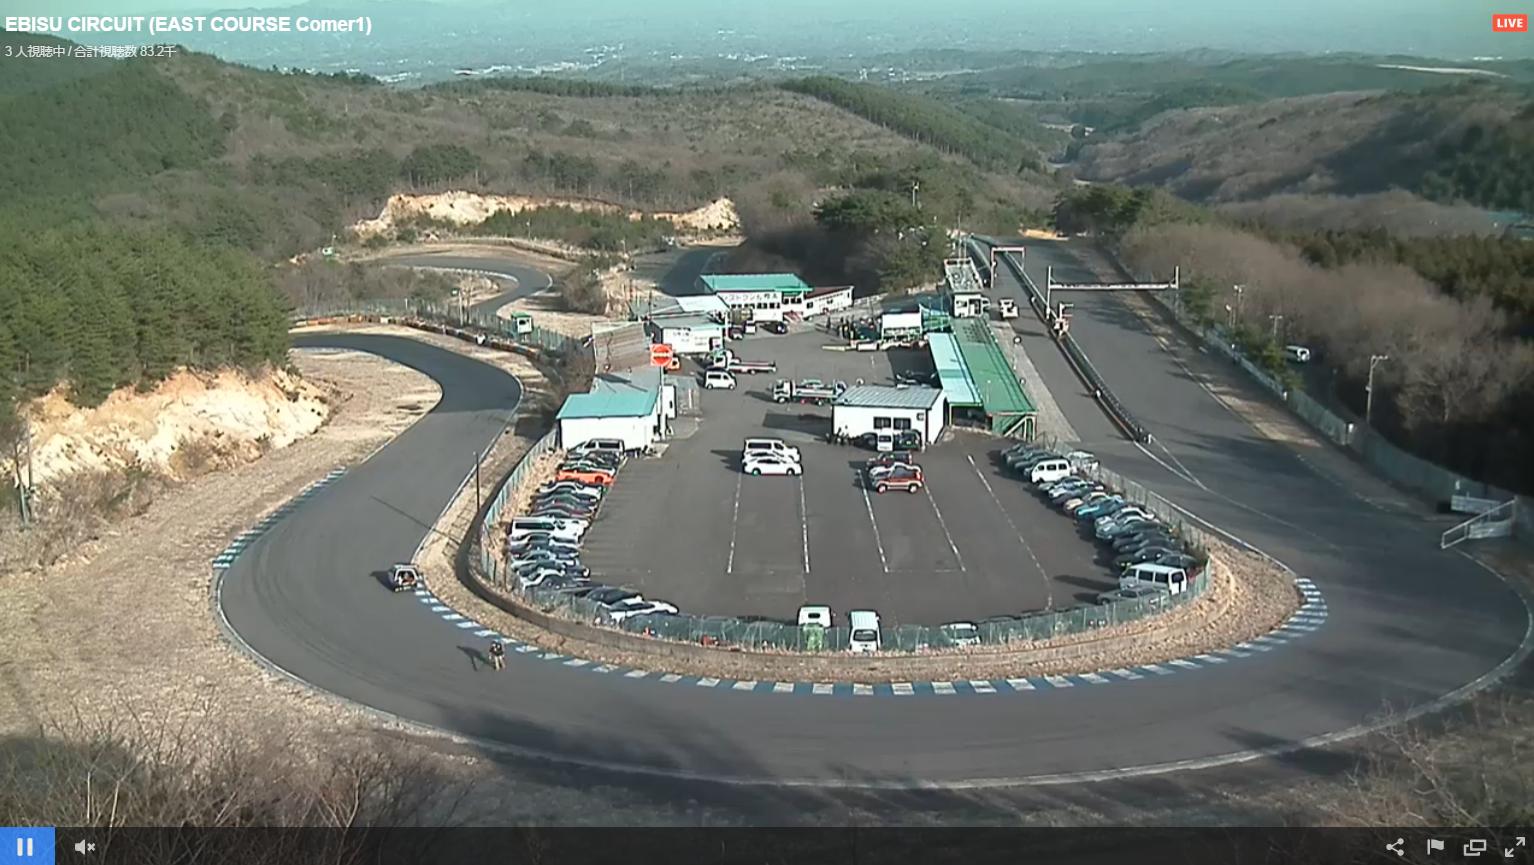 エビスサーキット東コース第1コーナーライブカメラ(福島県二本松市沢松倉)